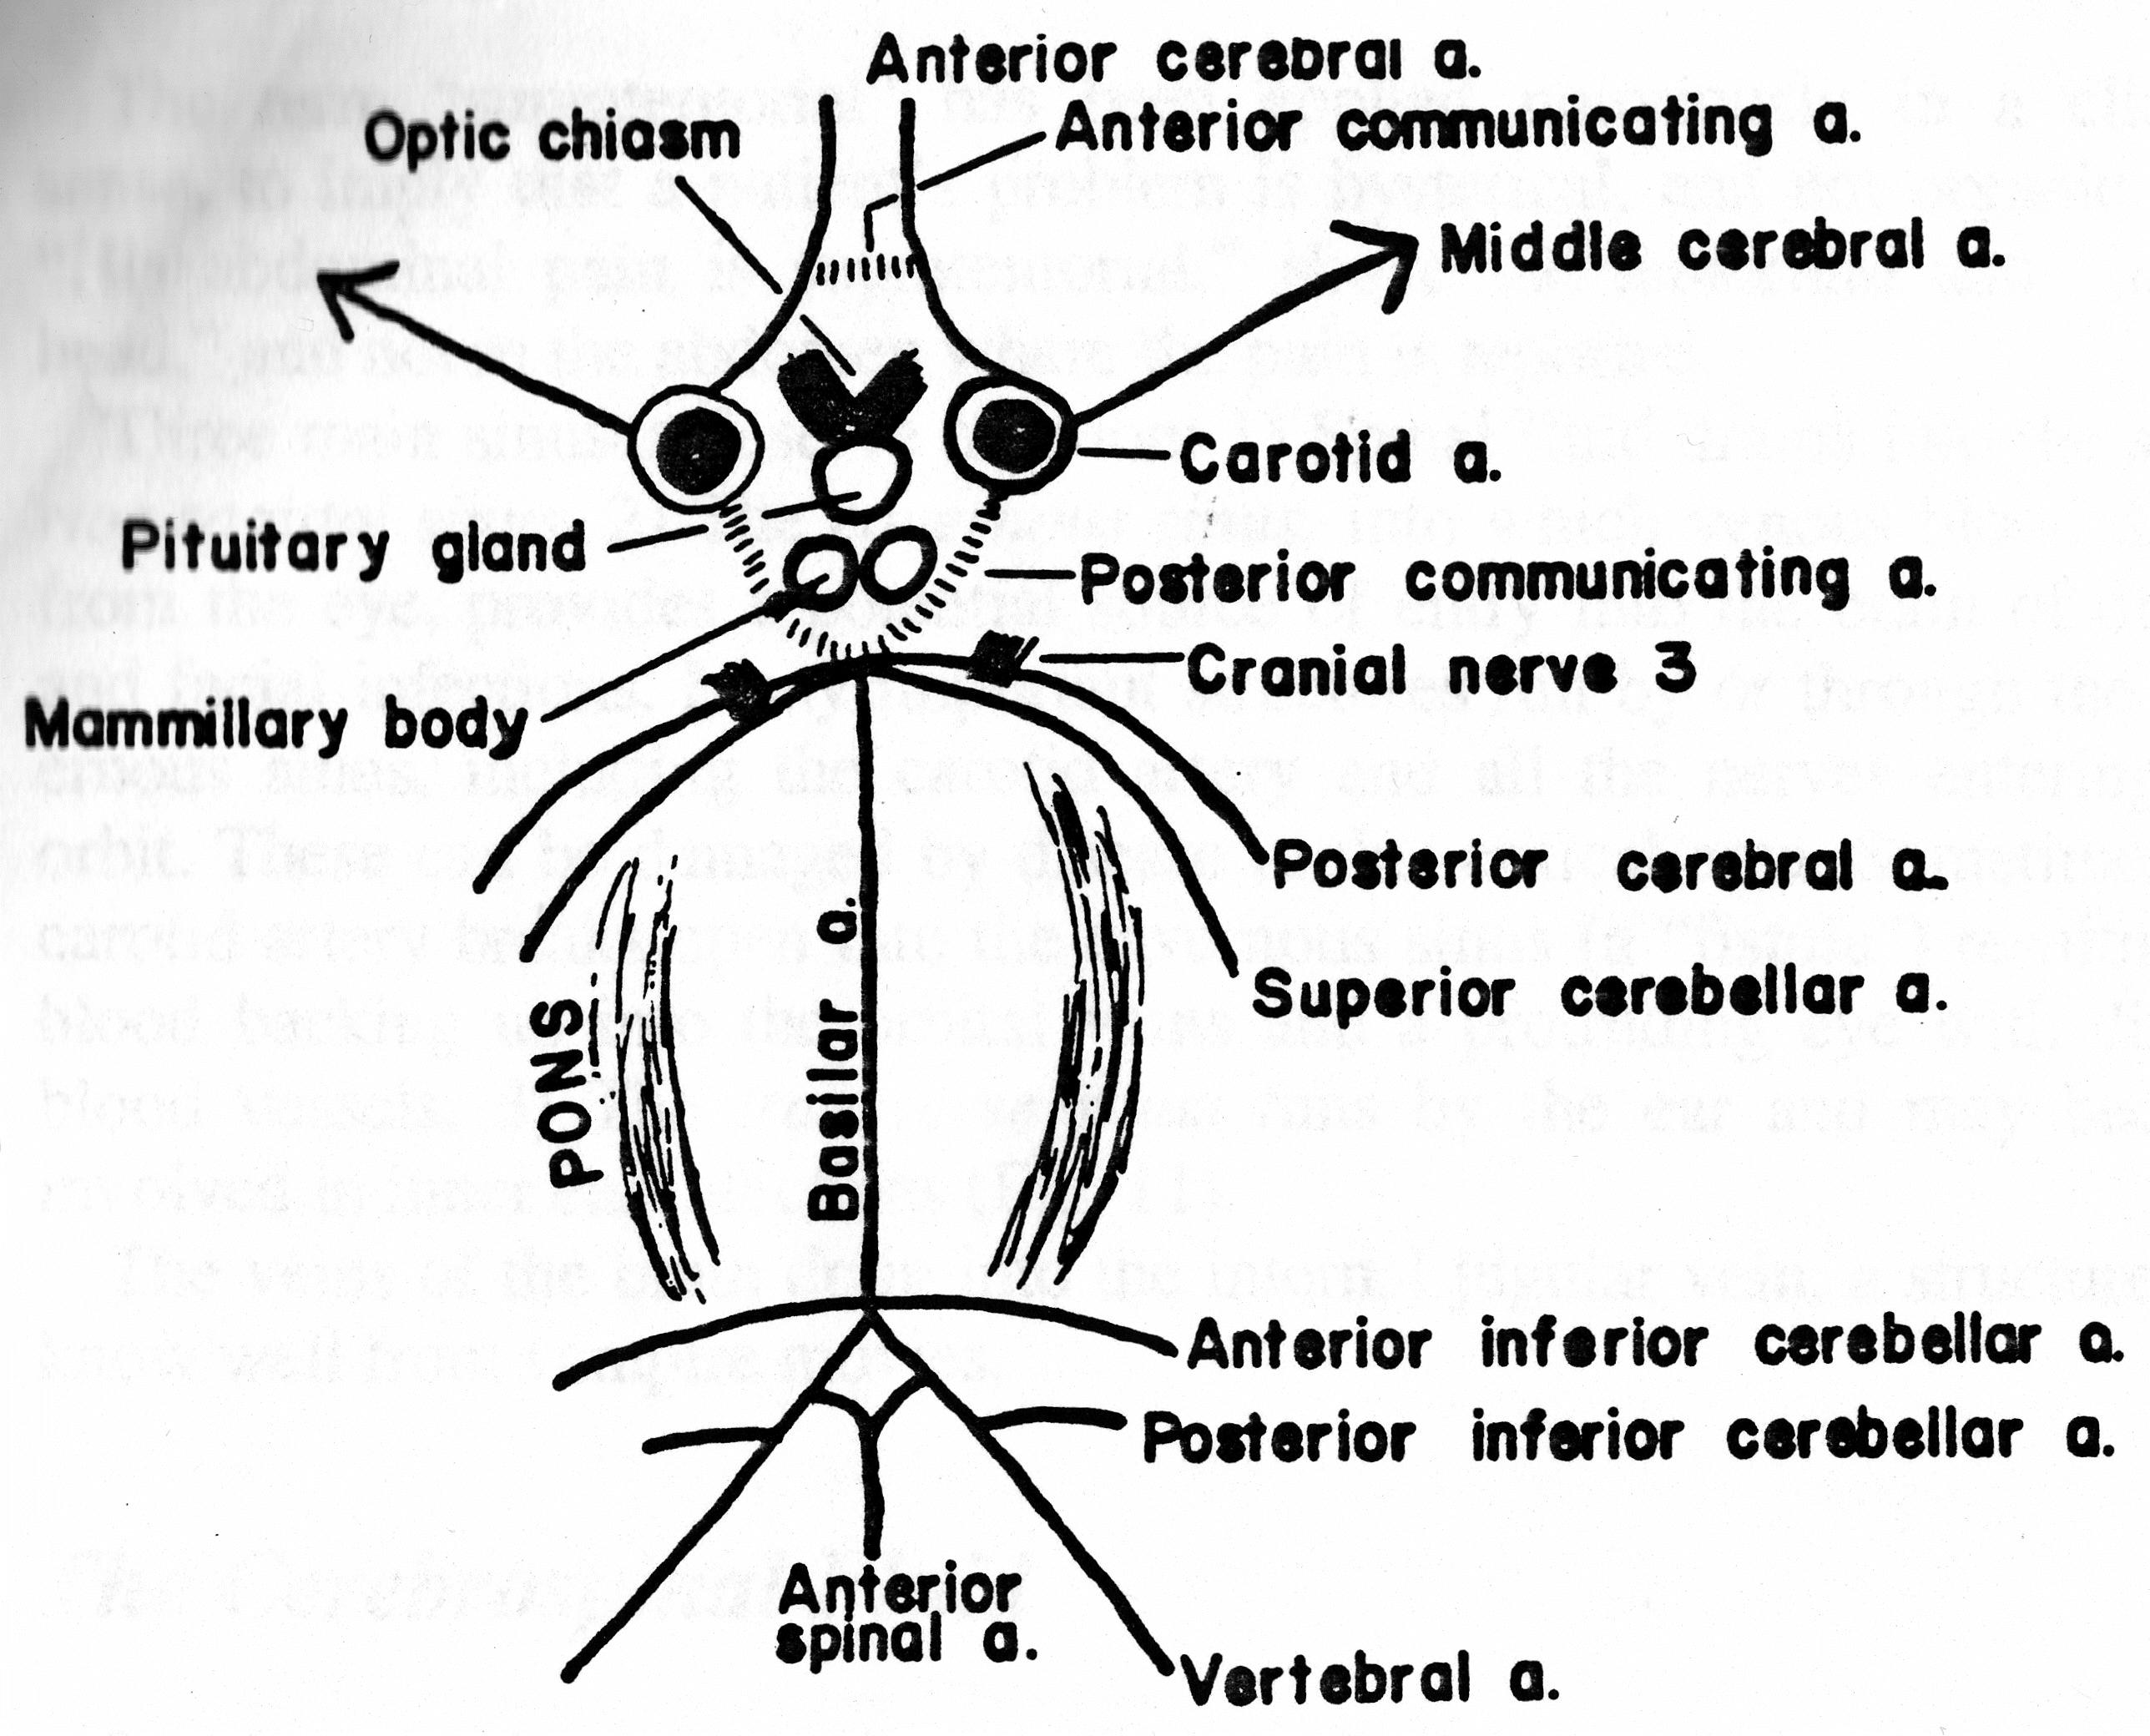 Fine Spider Eye Anatomy Vignette - Human Anatomy Images ...